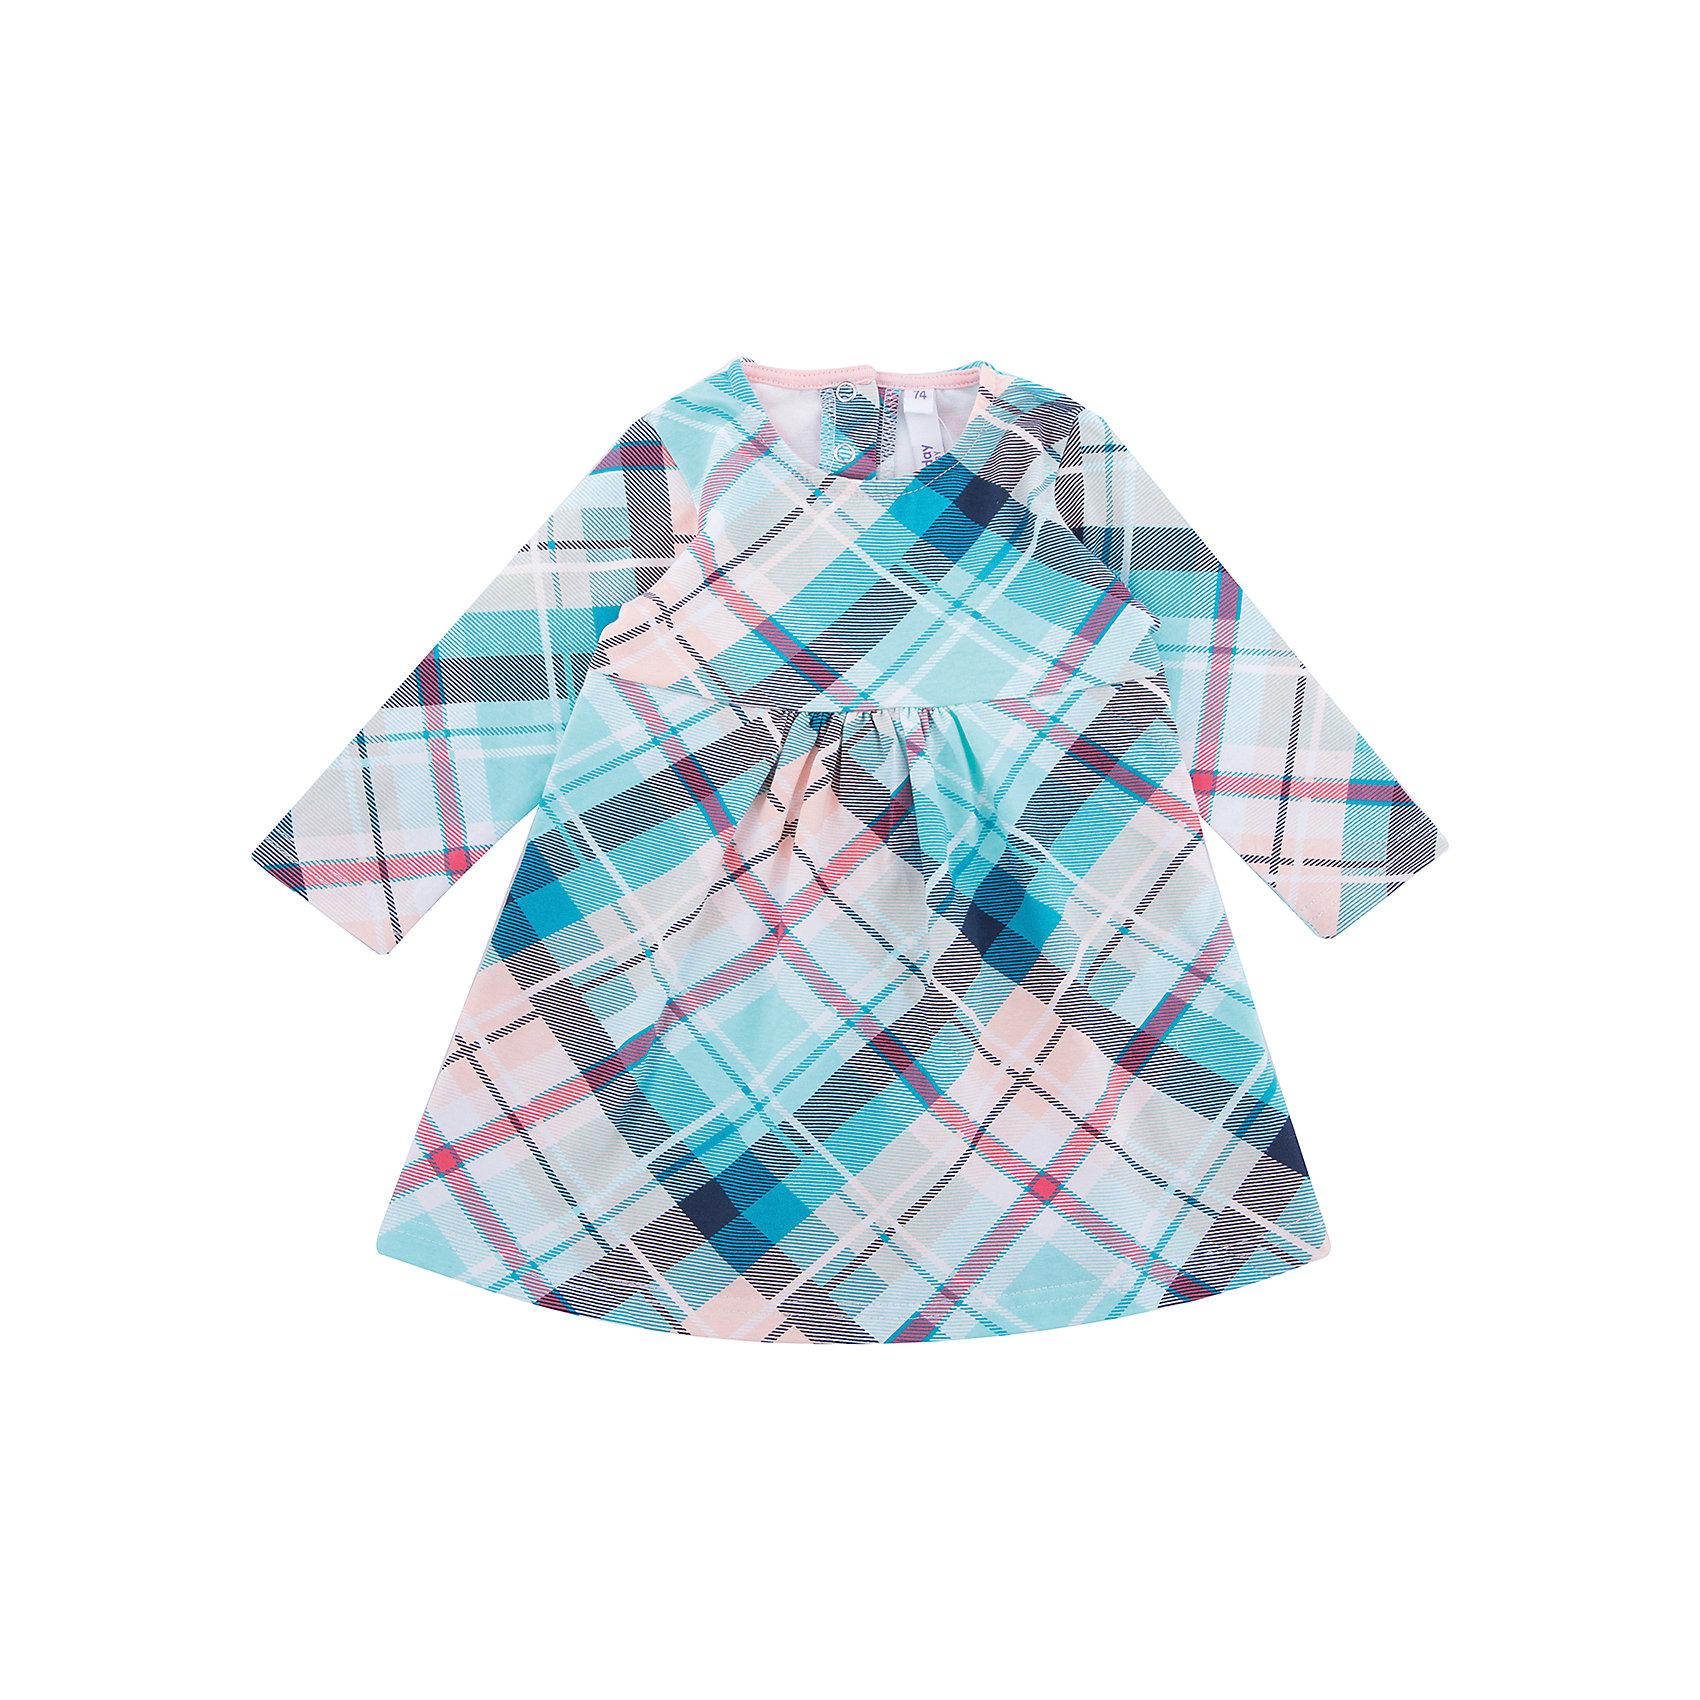 Платье PlayToday для девочкиПлатья<br>Платье PlayToday для девочки<br>Платье с округлым вырезом горловины и длинным рукавом. Модель расклешенная книзу, выполнена из натуральной принтованной ткани. На спинке удобные застежки - кнопки.<br>Состав:<br>95% хлопок, 5% эластан<br><br>Ширина мм: 236<br>Глубина мм: 16<br>Высота мм: 184<br>Вес г: 177<br>Цвет: белый<br>Возраст от месяцев: 18<br>Возраст до месяцев: 24<br>Пол: Женский<br>Возраст: Детский<br>Размер: 92,74,80,86<br>SKU: 7110367